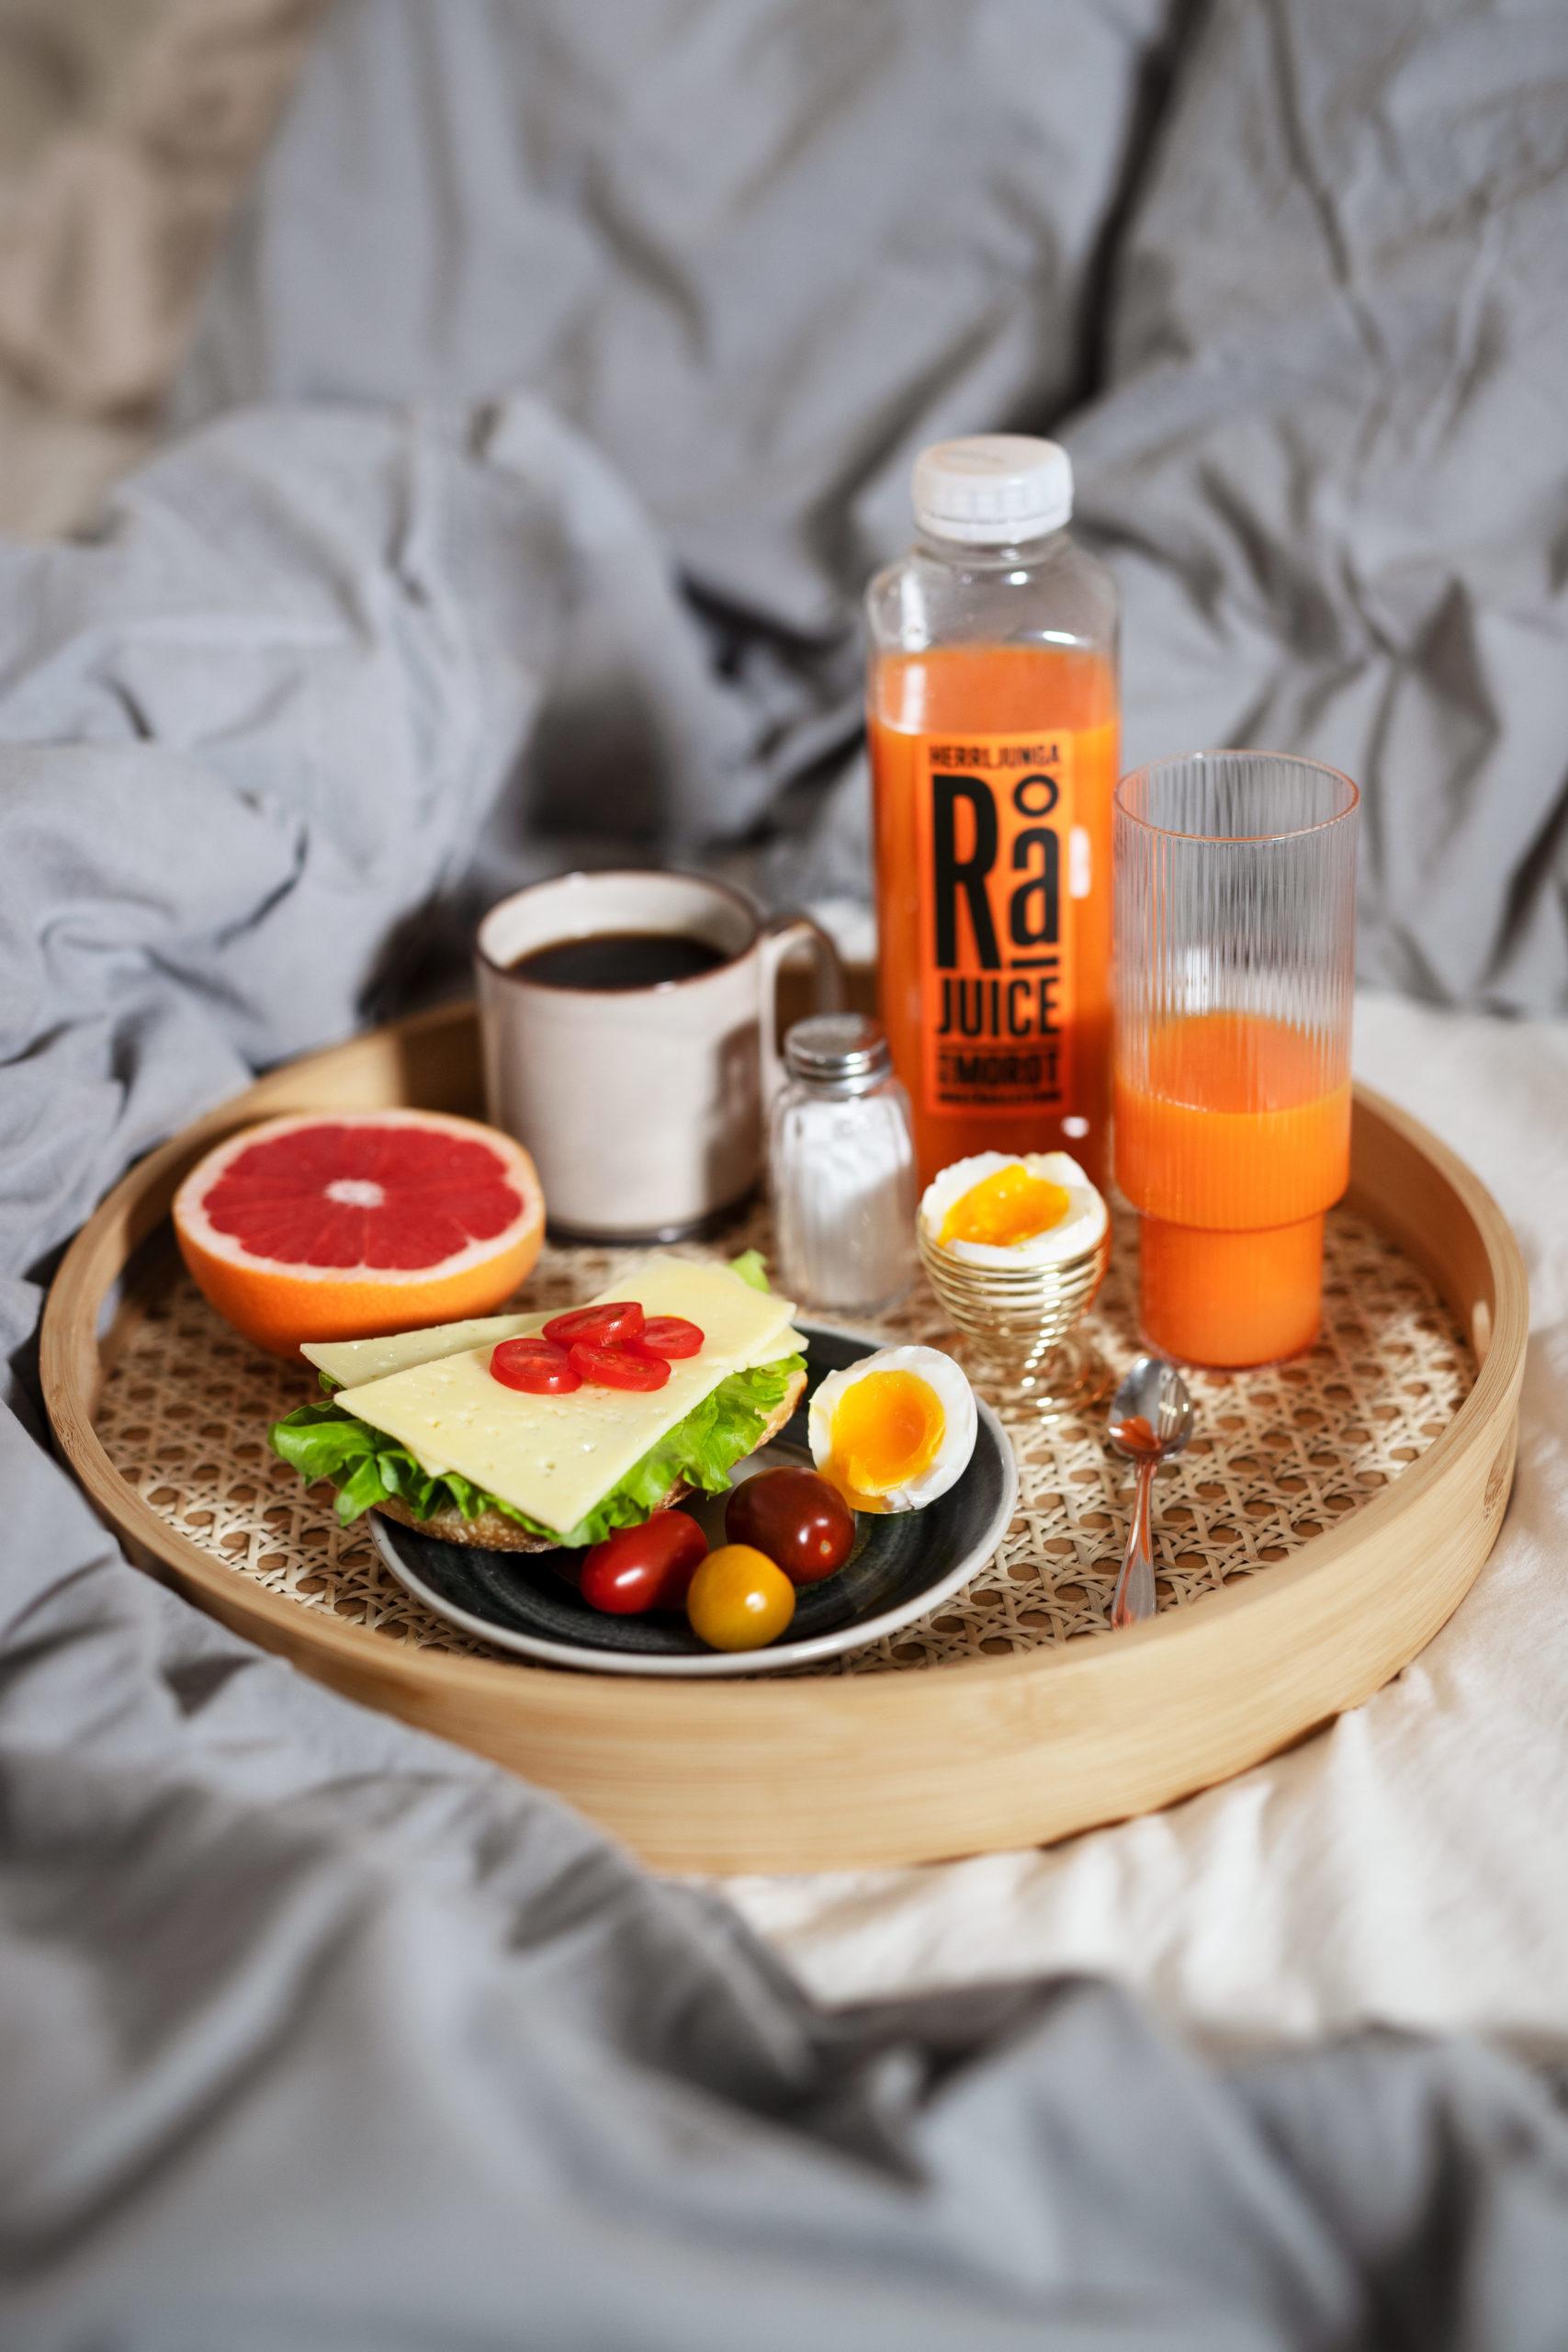 Frukost på sängen - Herrljunga Rå Morot